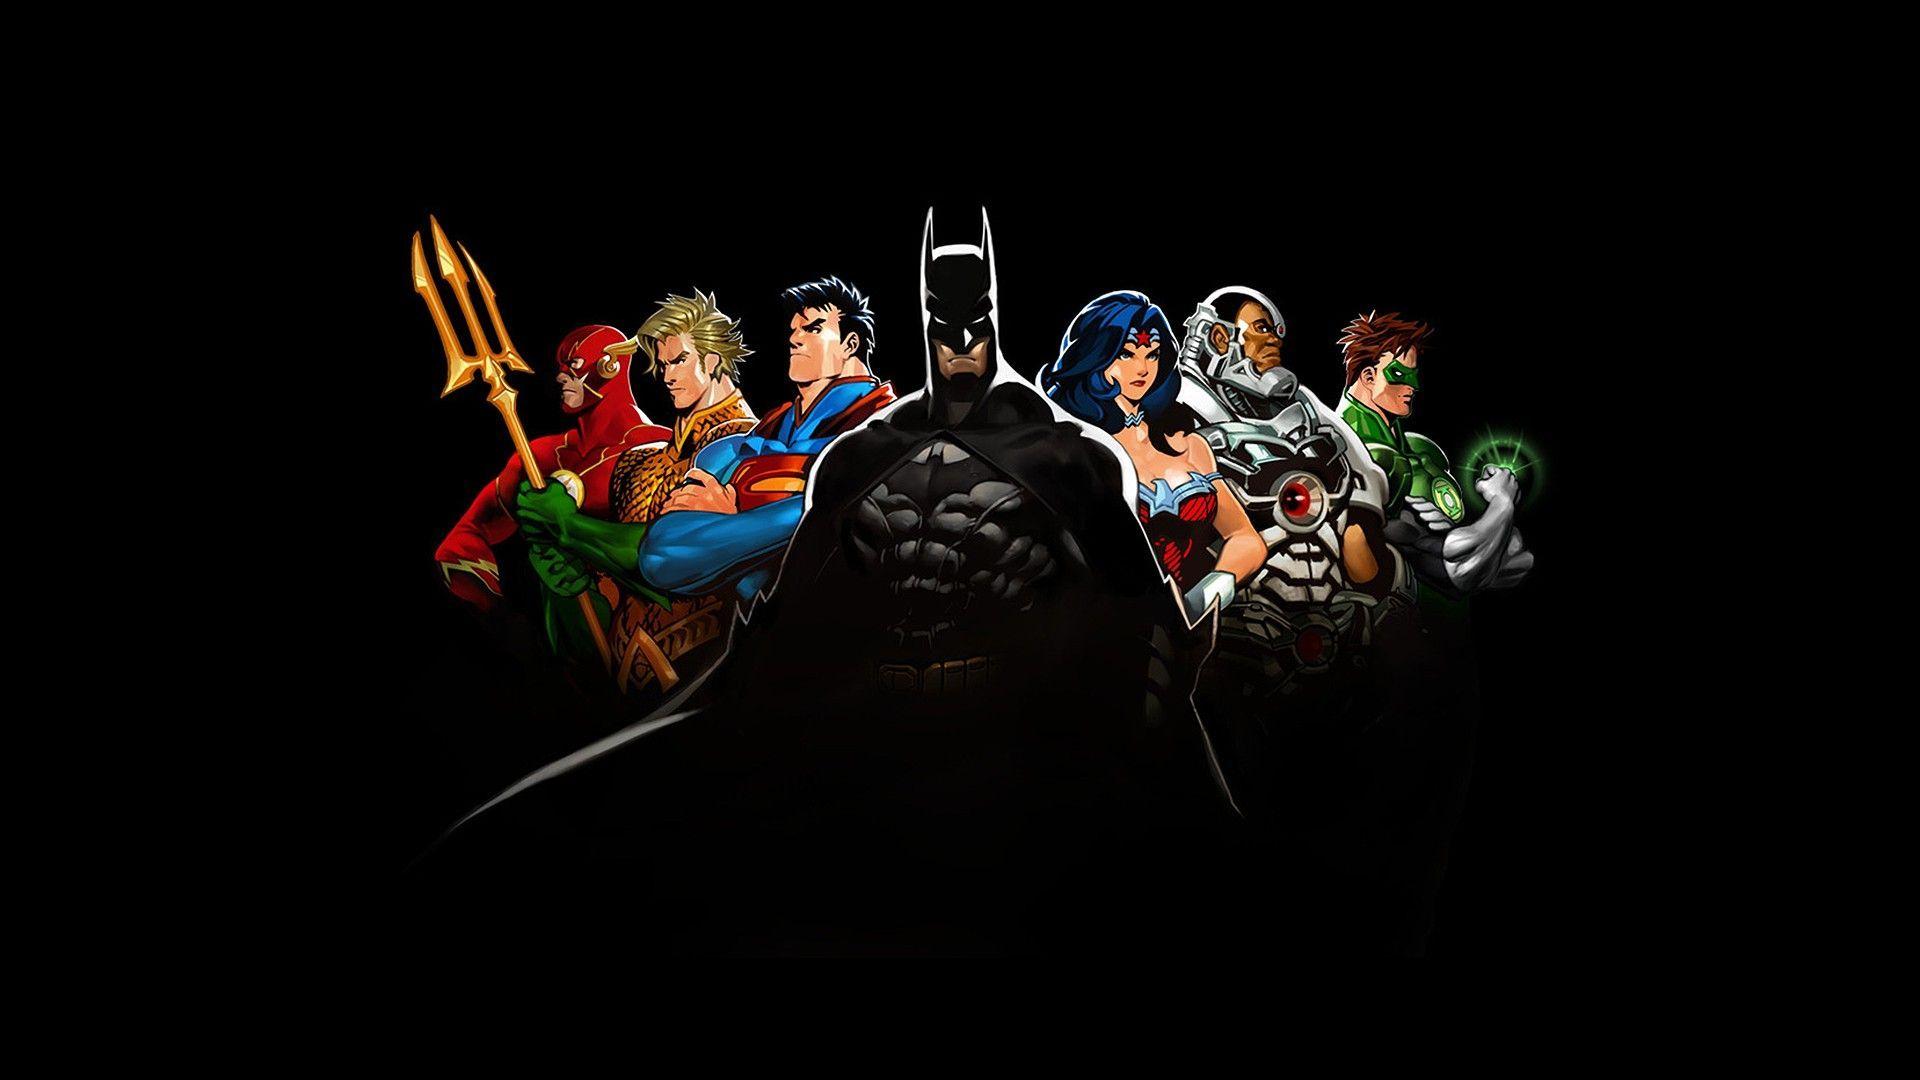 dc justice league wallpaper